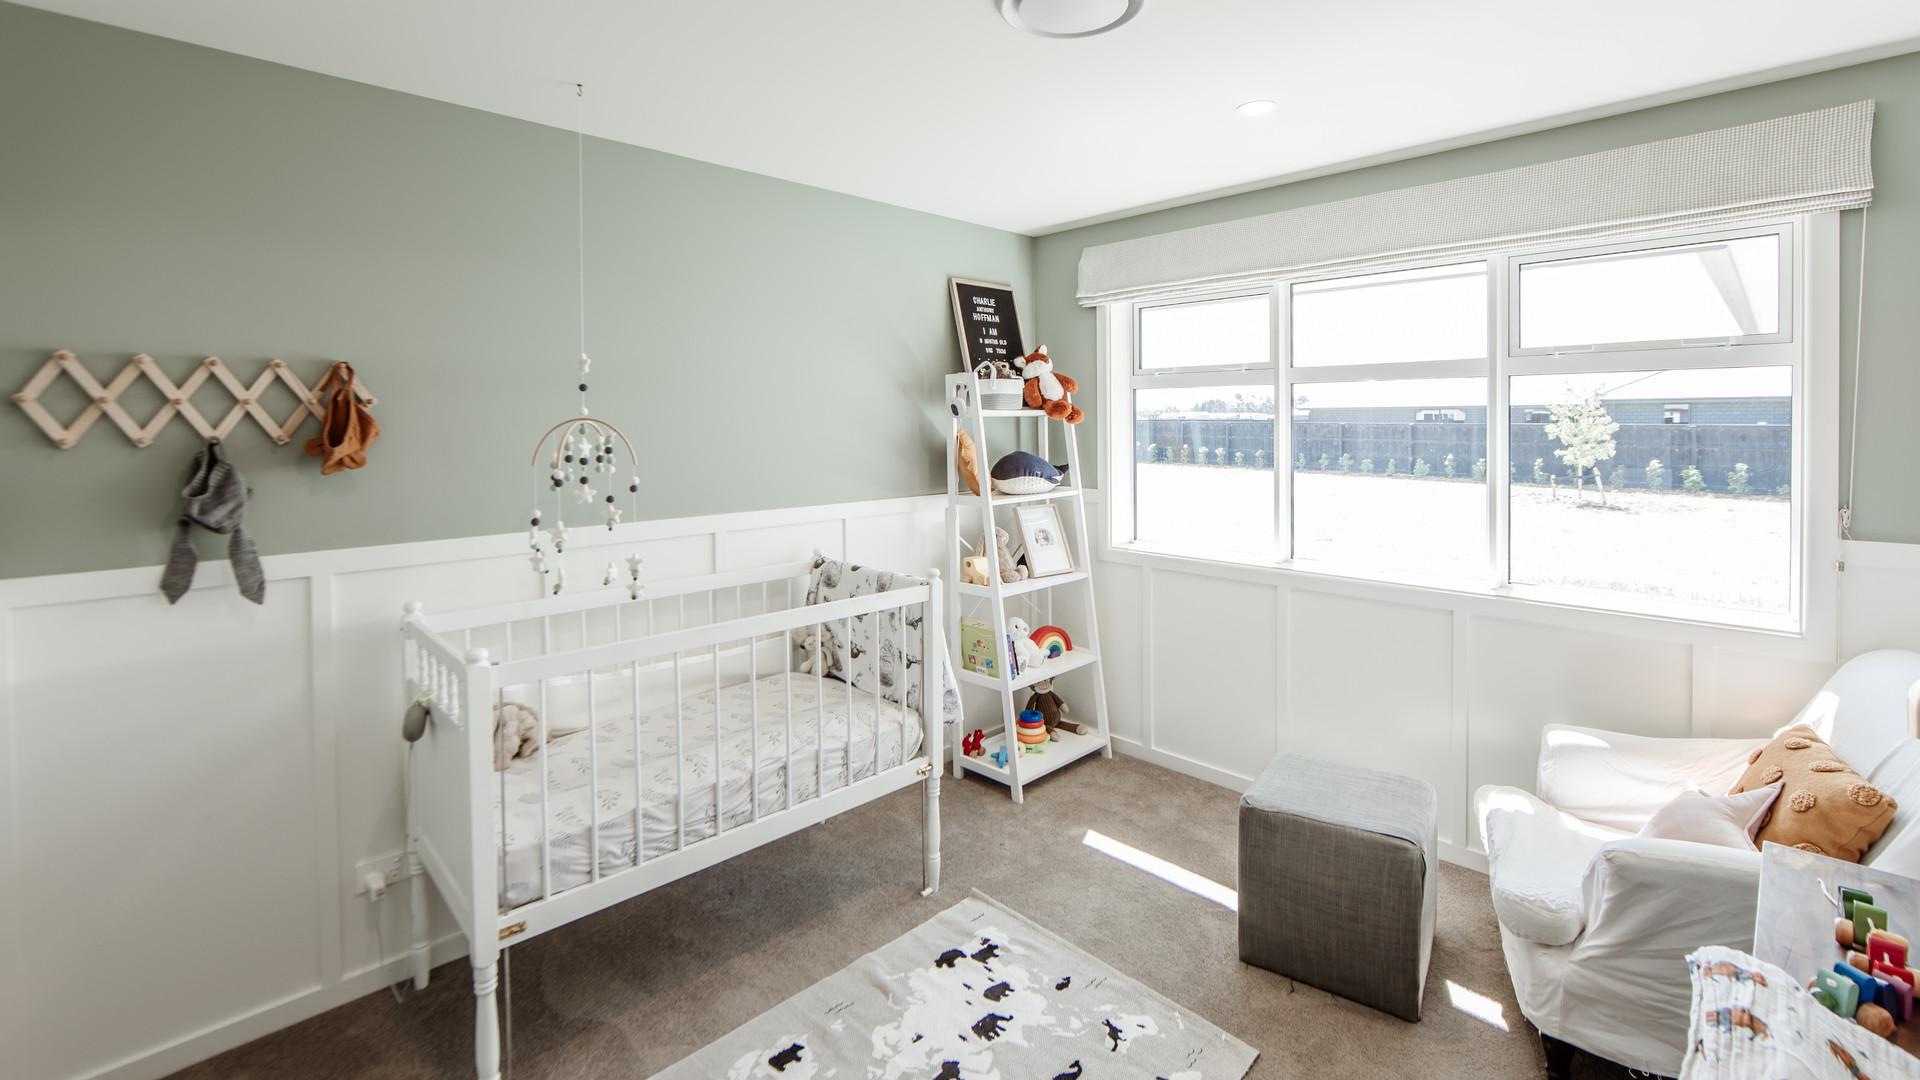 Braeburn nursery 1